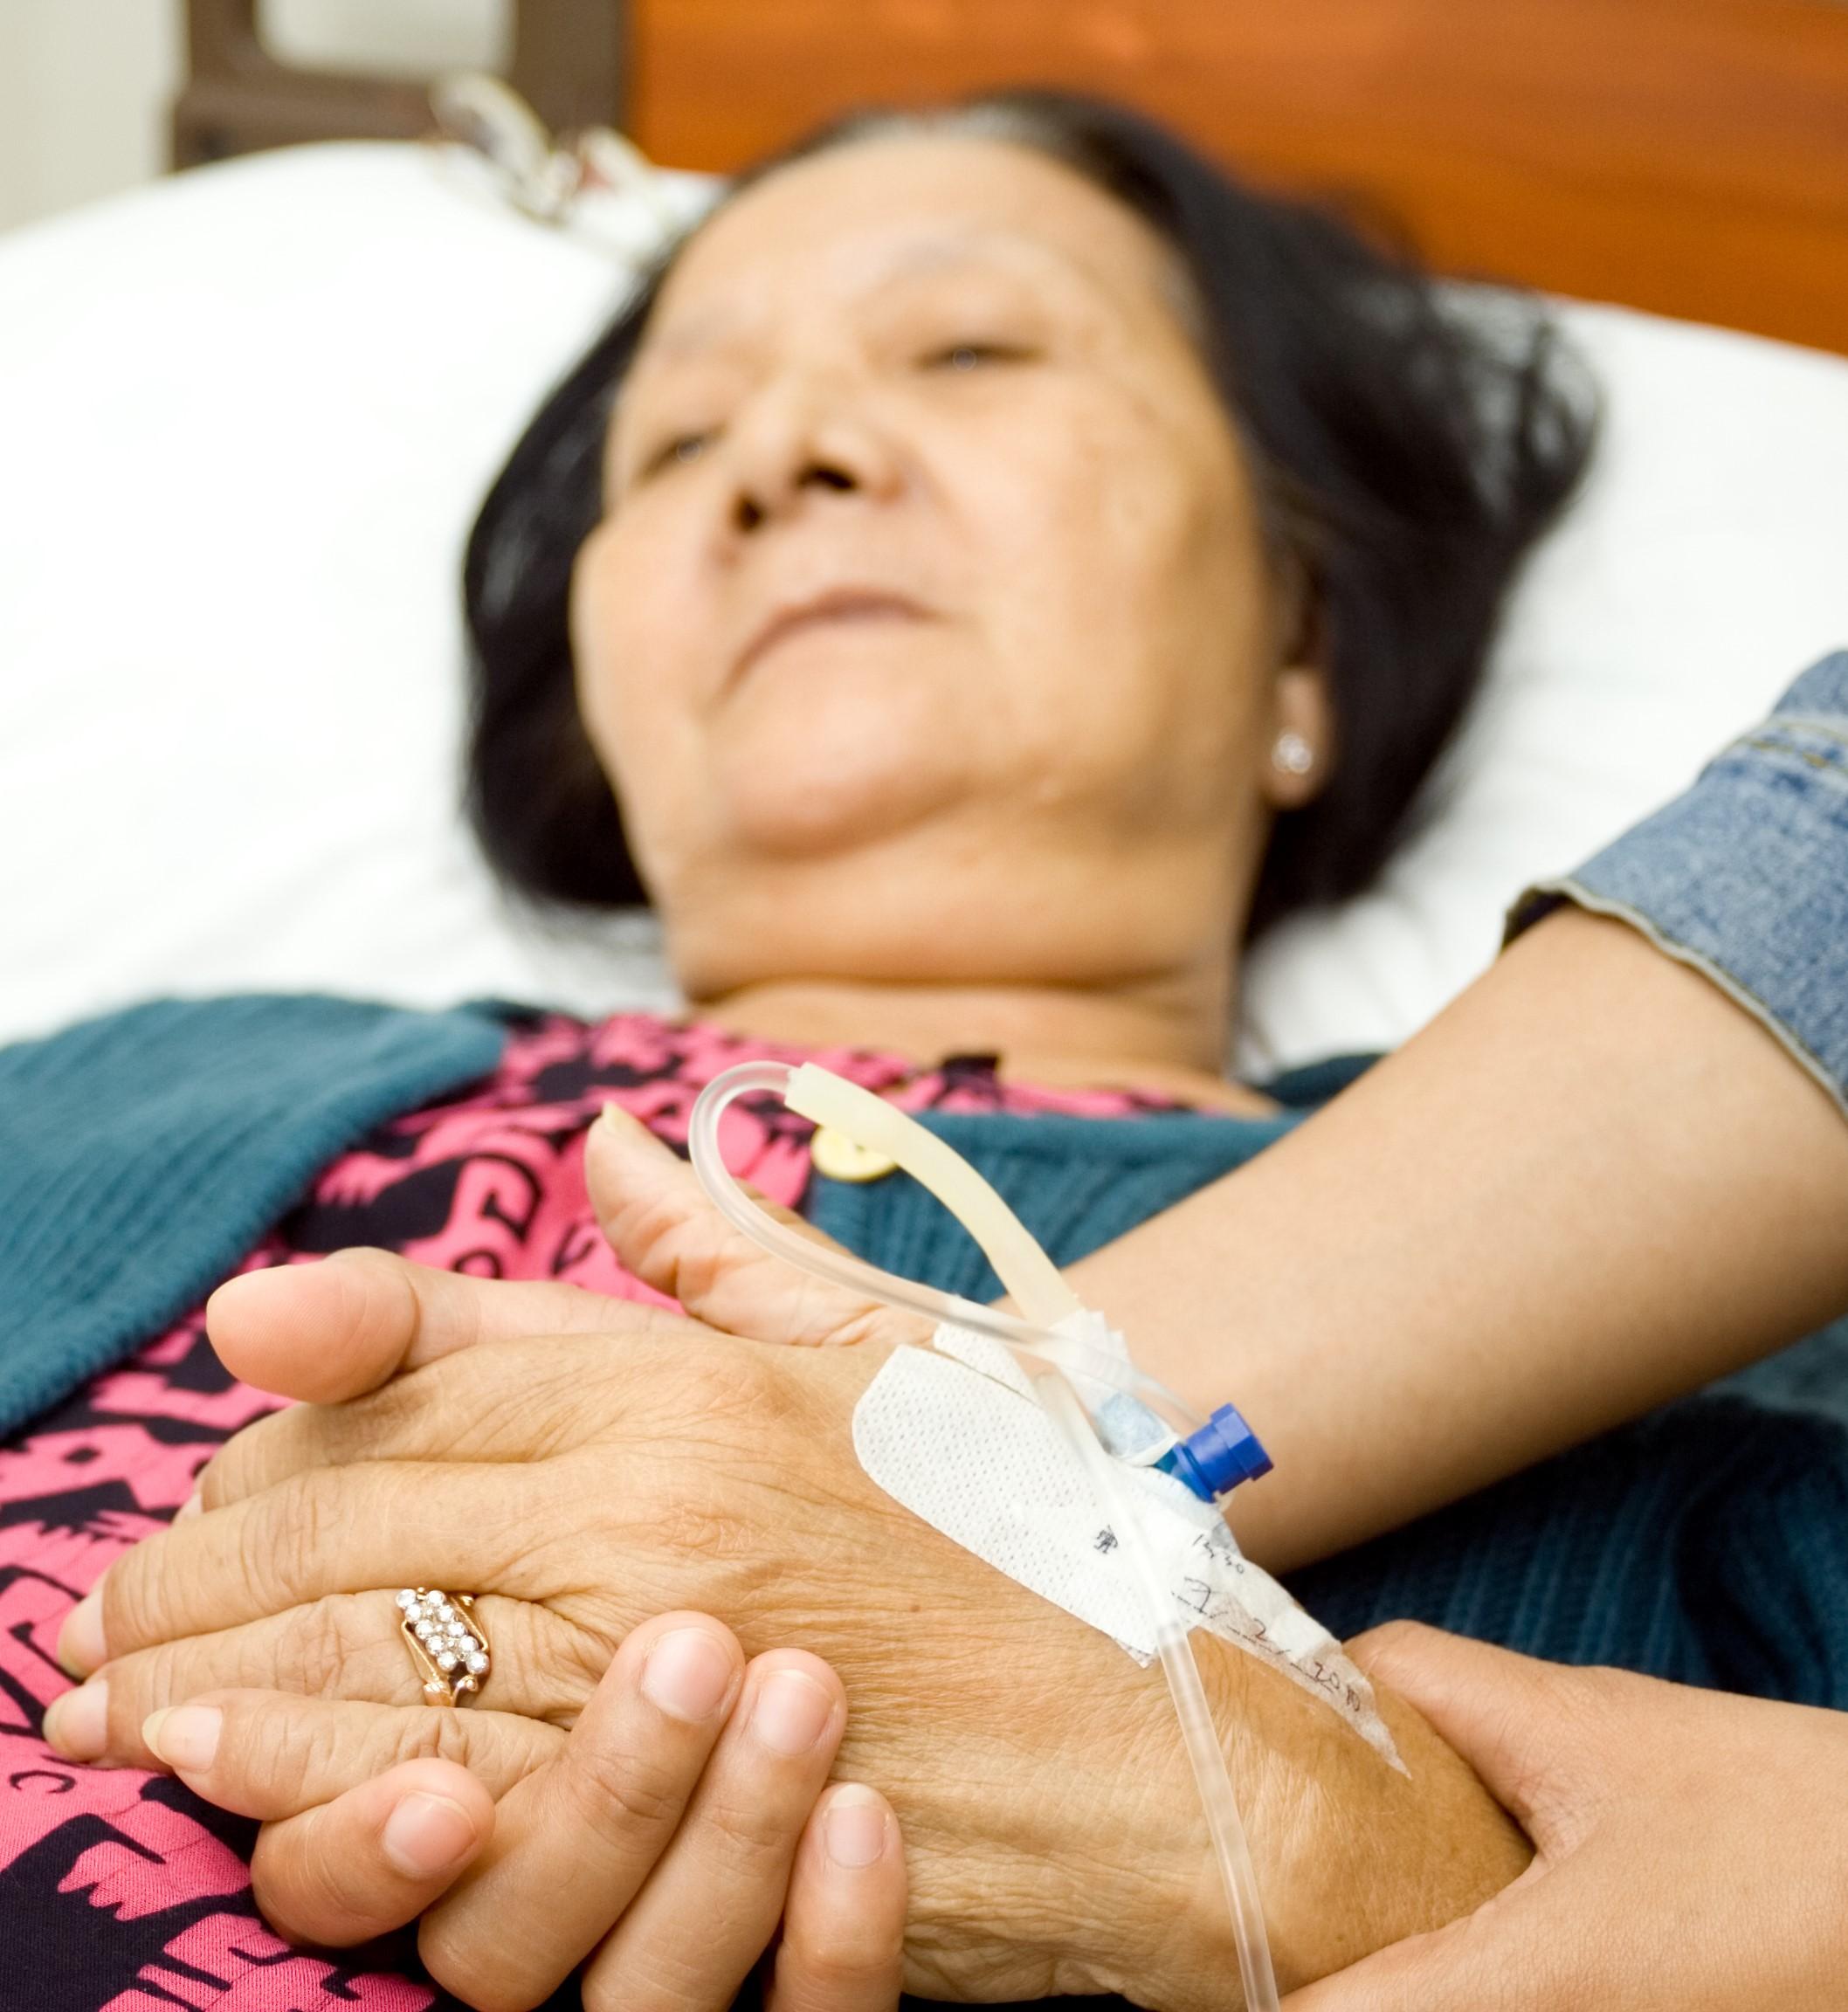 ¿cómo damos a la gente una atención que aúne estas dos formas de cuidados paliativos?